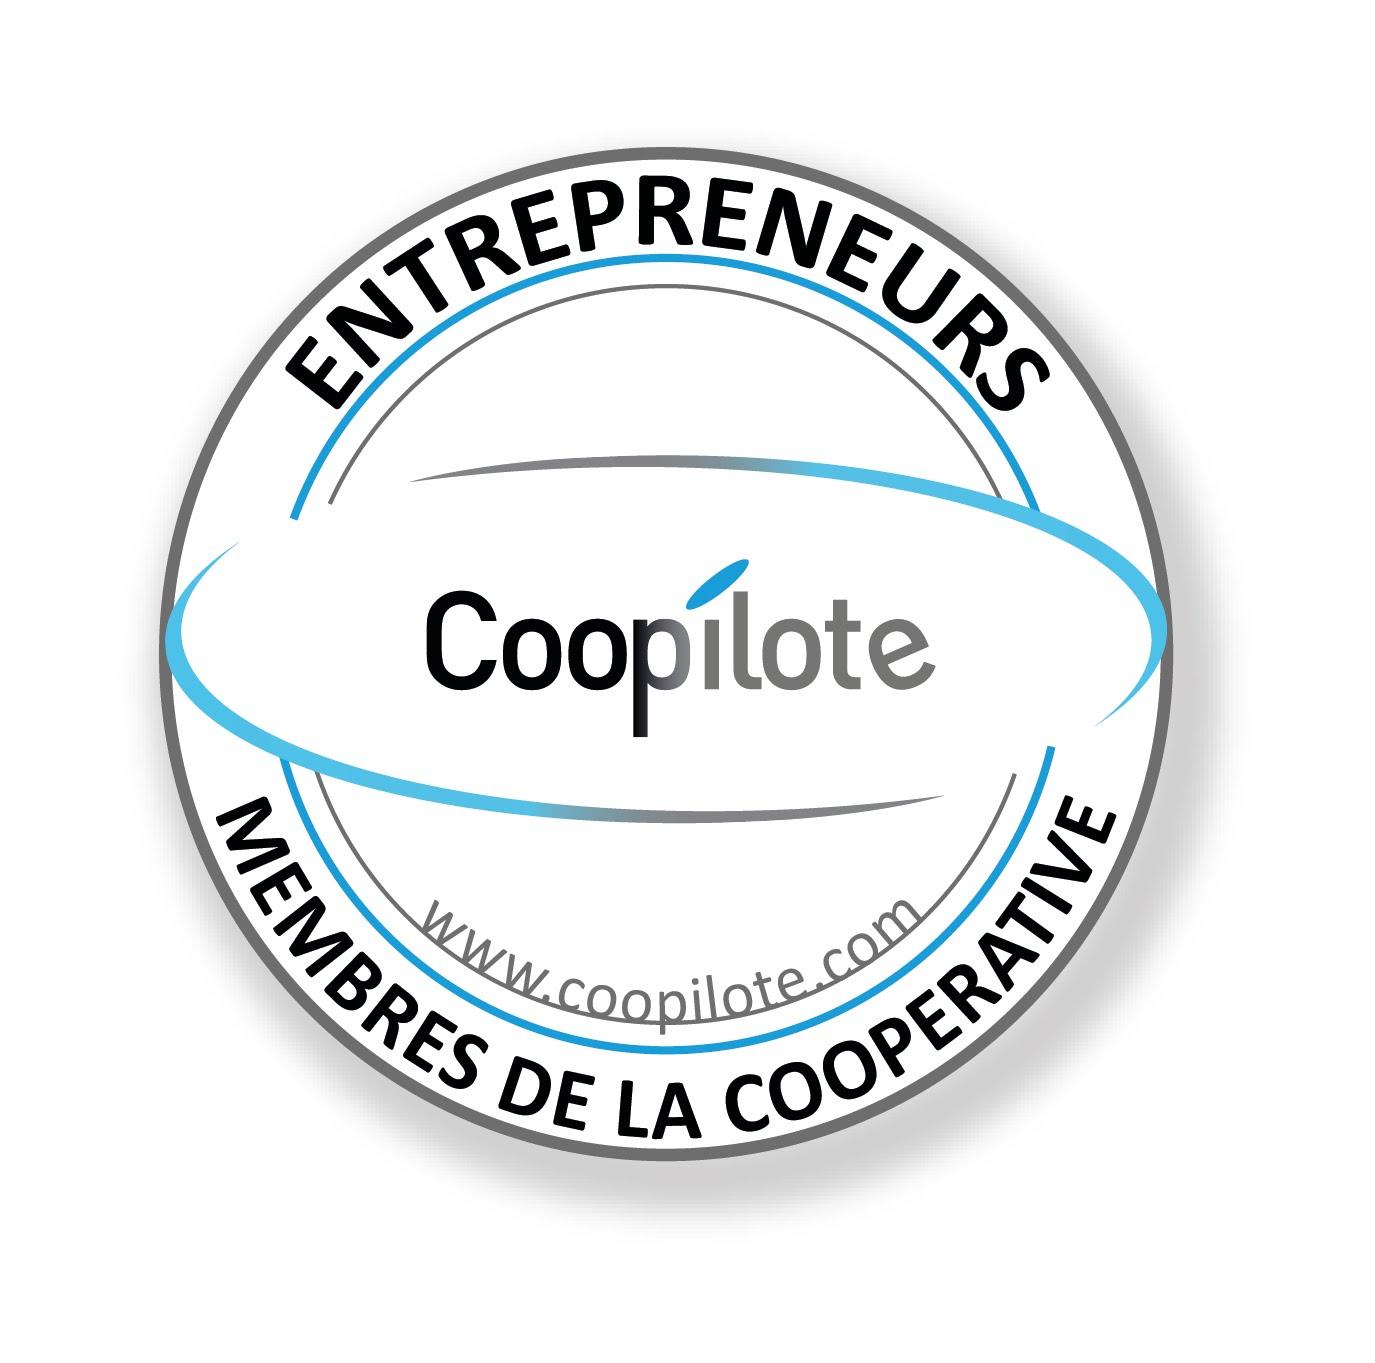 Coopilote